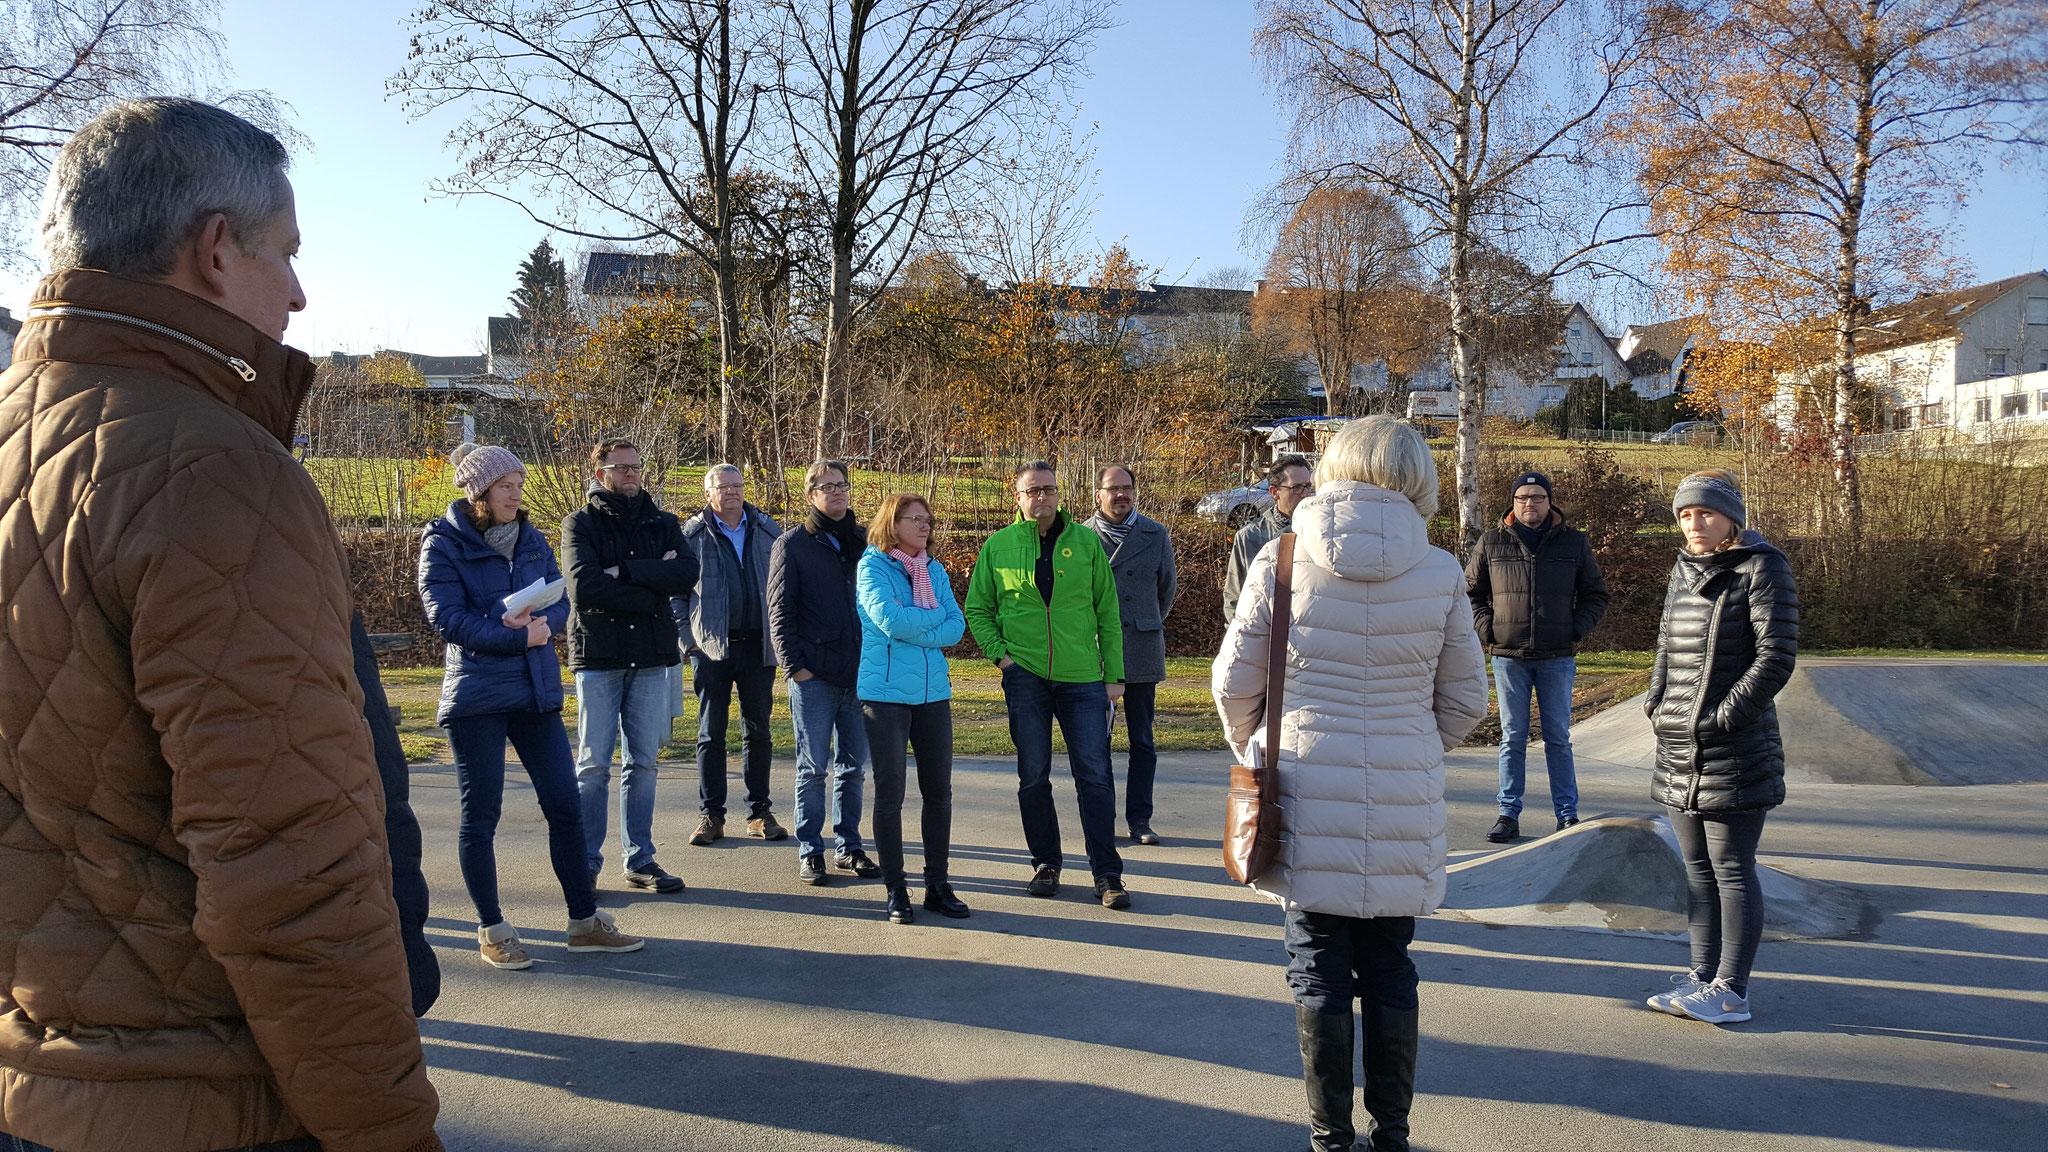 Elke Bertling berichtet über die Umsetzung des Projektes